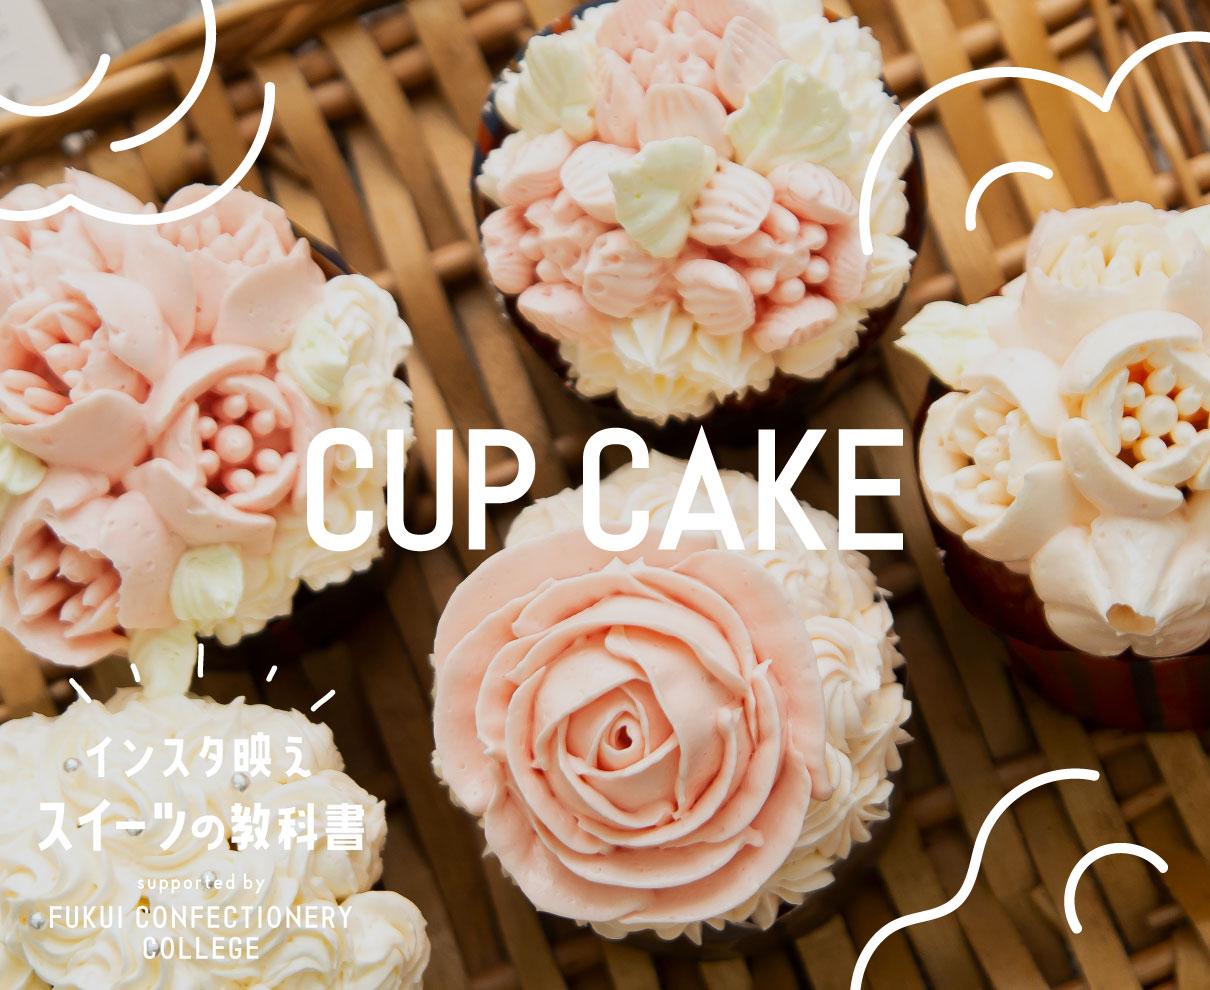 彩り鮮やかにアレンジ★カップケーキ|福井製菓専門学校 インスタ映えスイーツの教科書